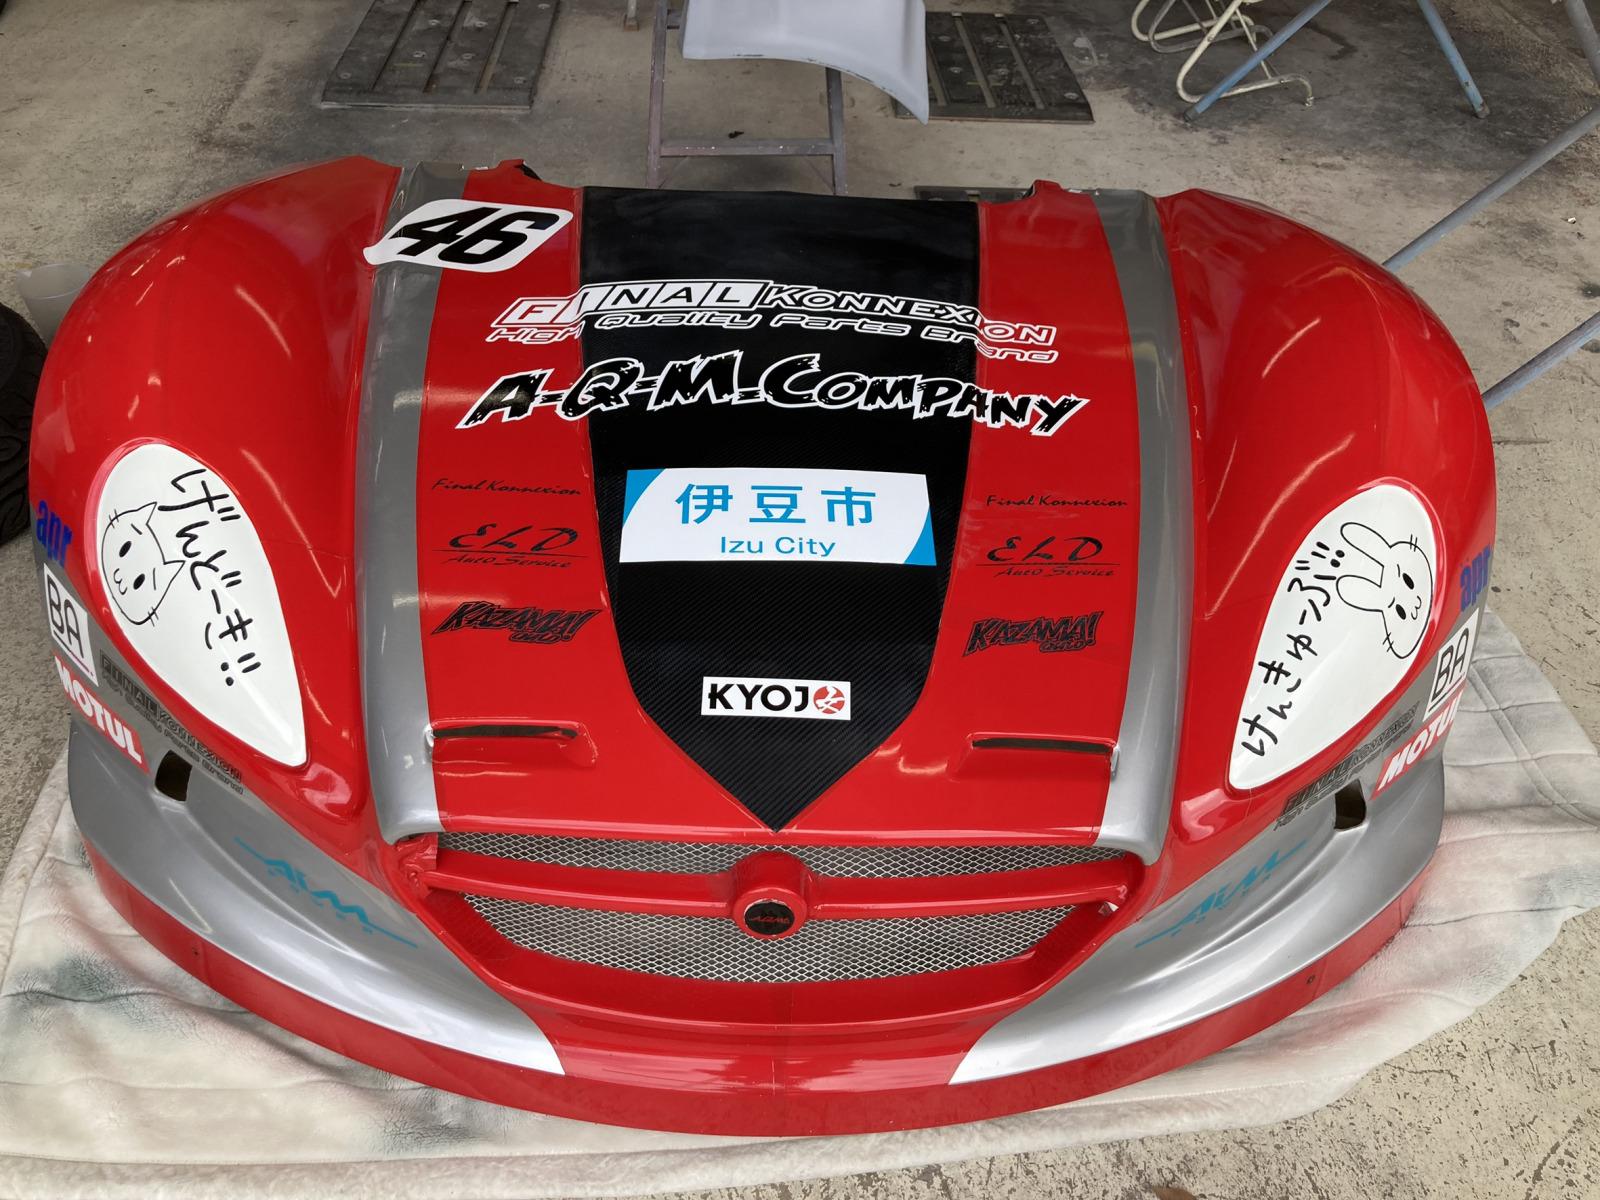 伊豆市のスポンサーステッカーを付けた原動機研究部のレース車両